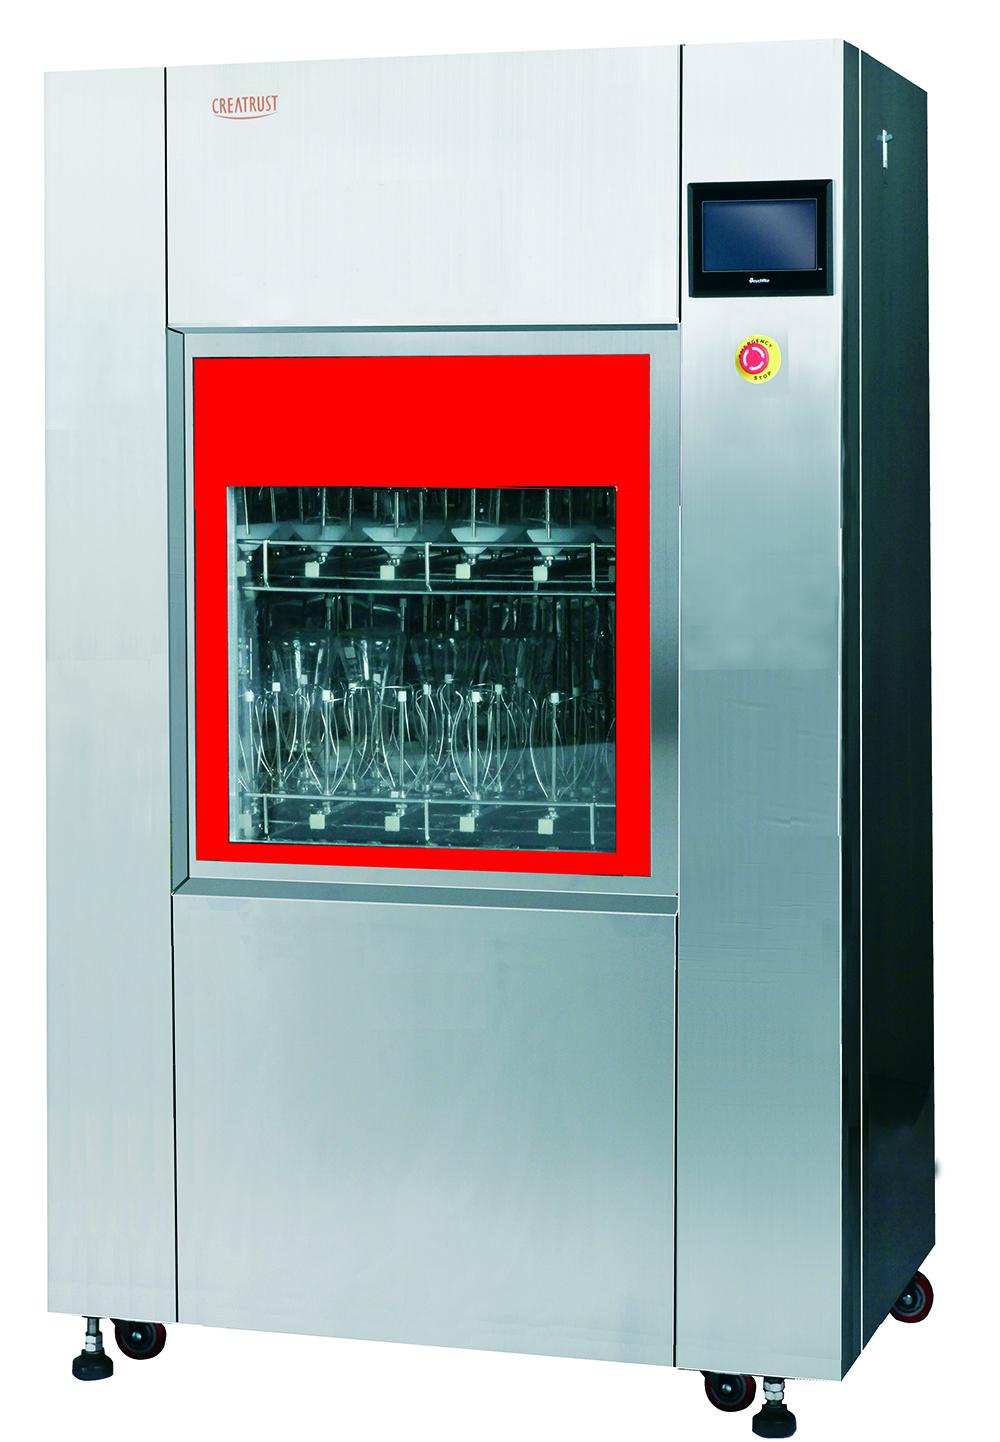 永合创信全自动器皿清洗机CTLW-420